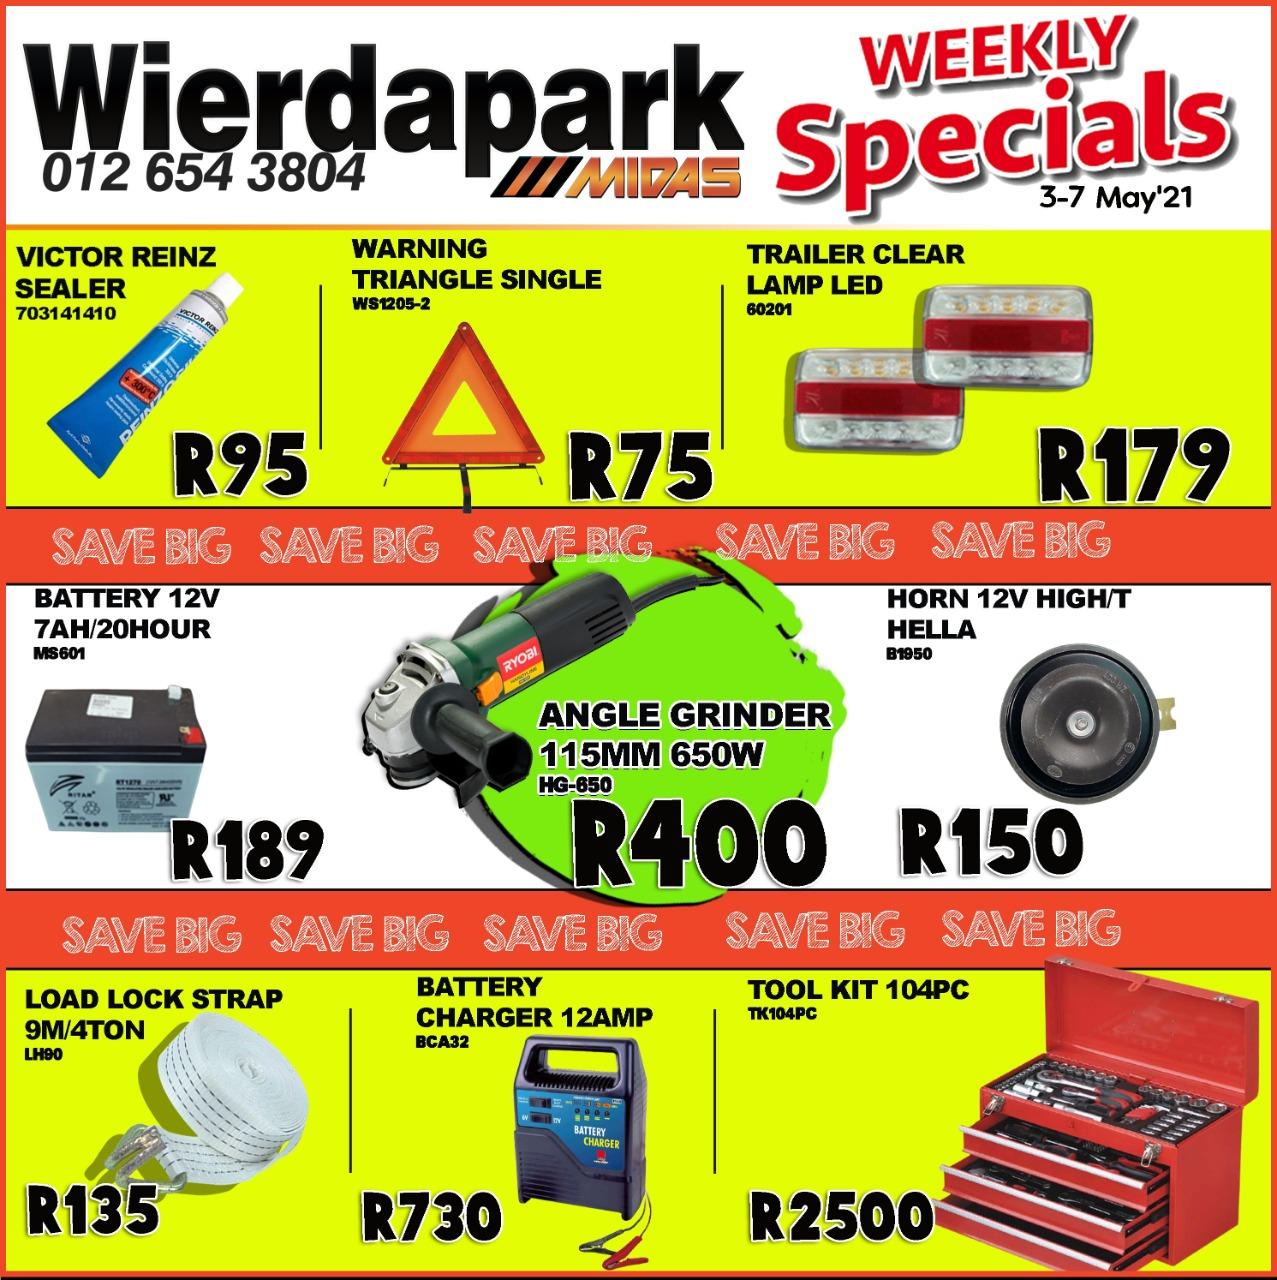 Weekly Specials now on at Wierdapark Midas!